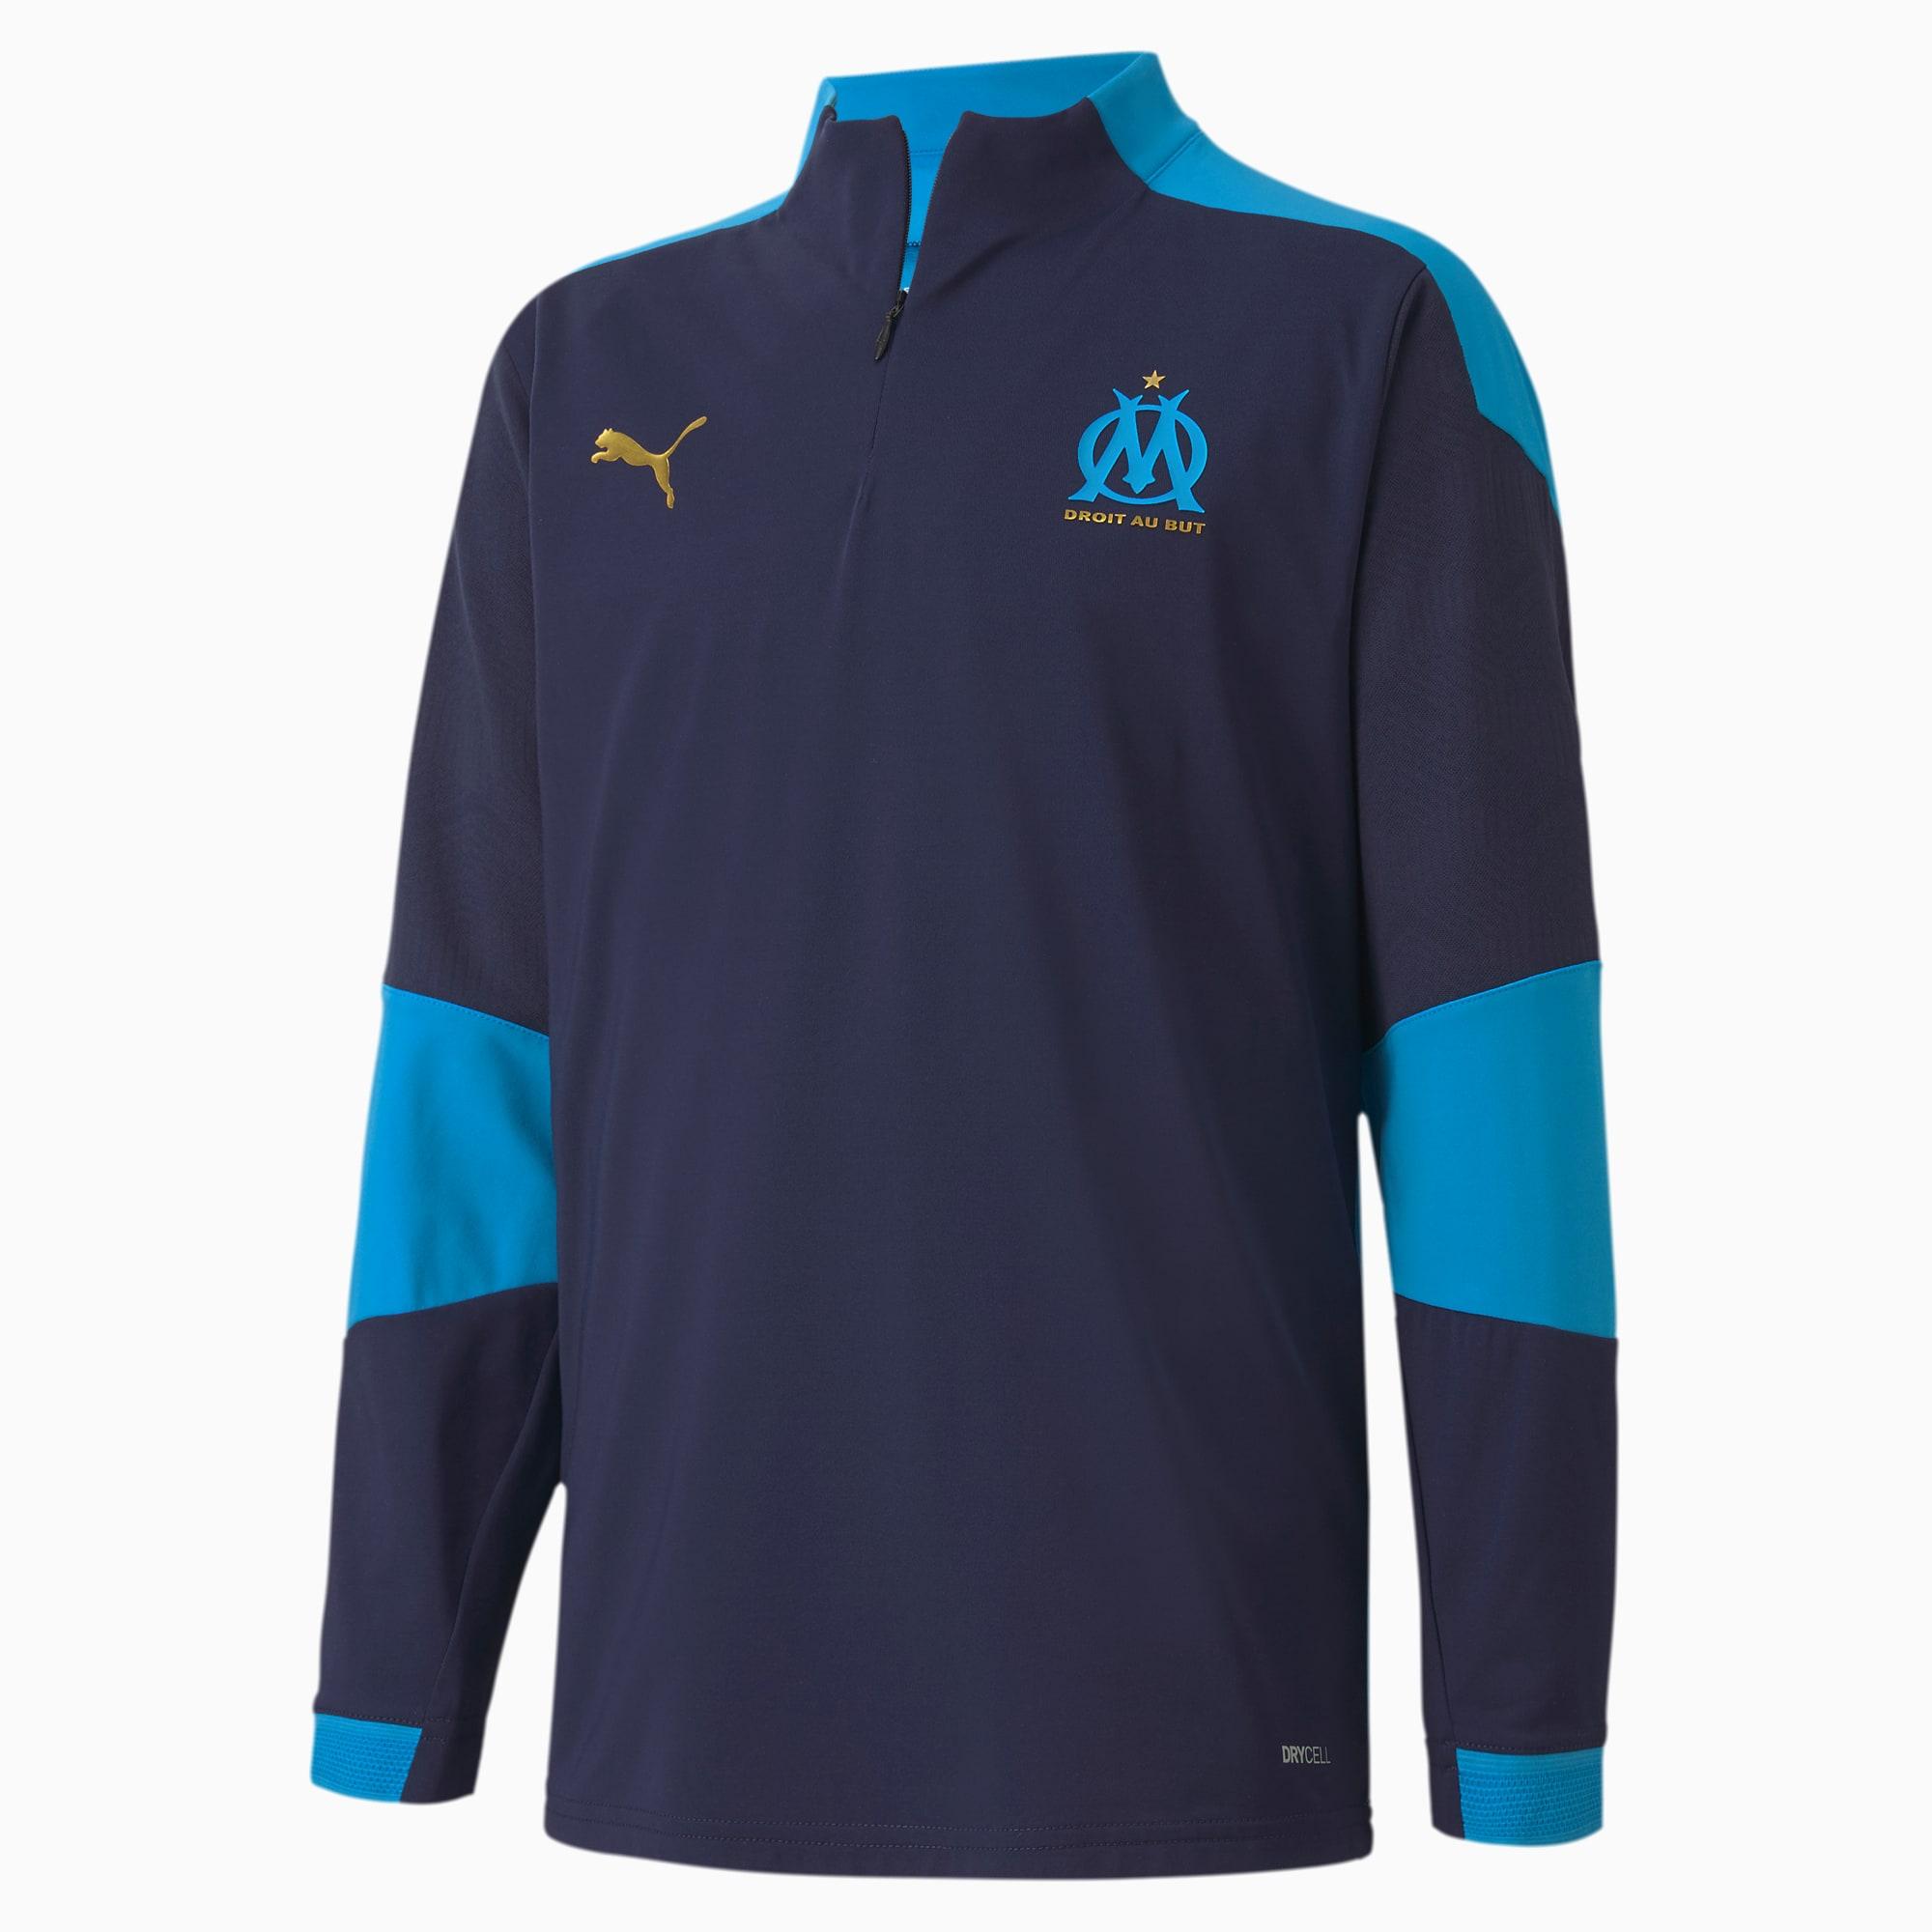 PUMA Olympique de Marseille Youth Training Sweatshirt Für Kinder   Mit Aucun   Blau   Größe: 128